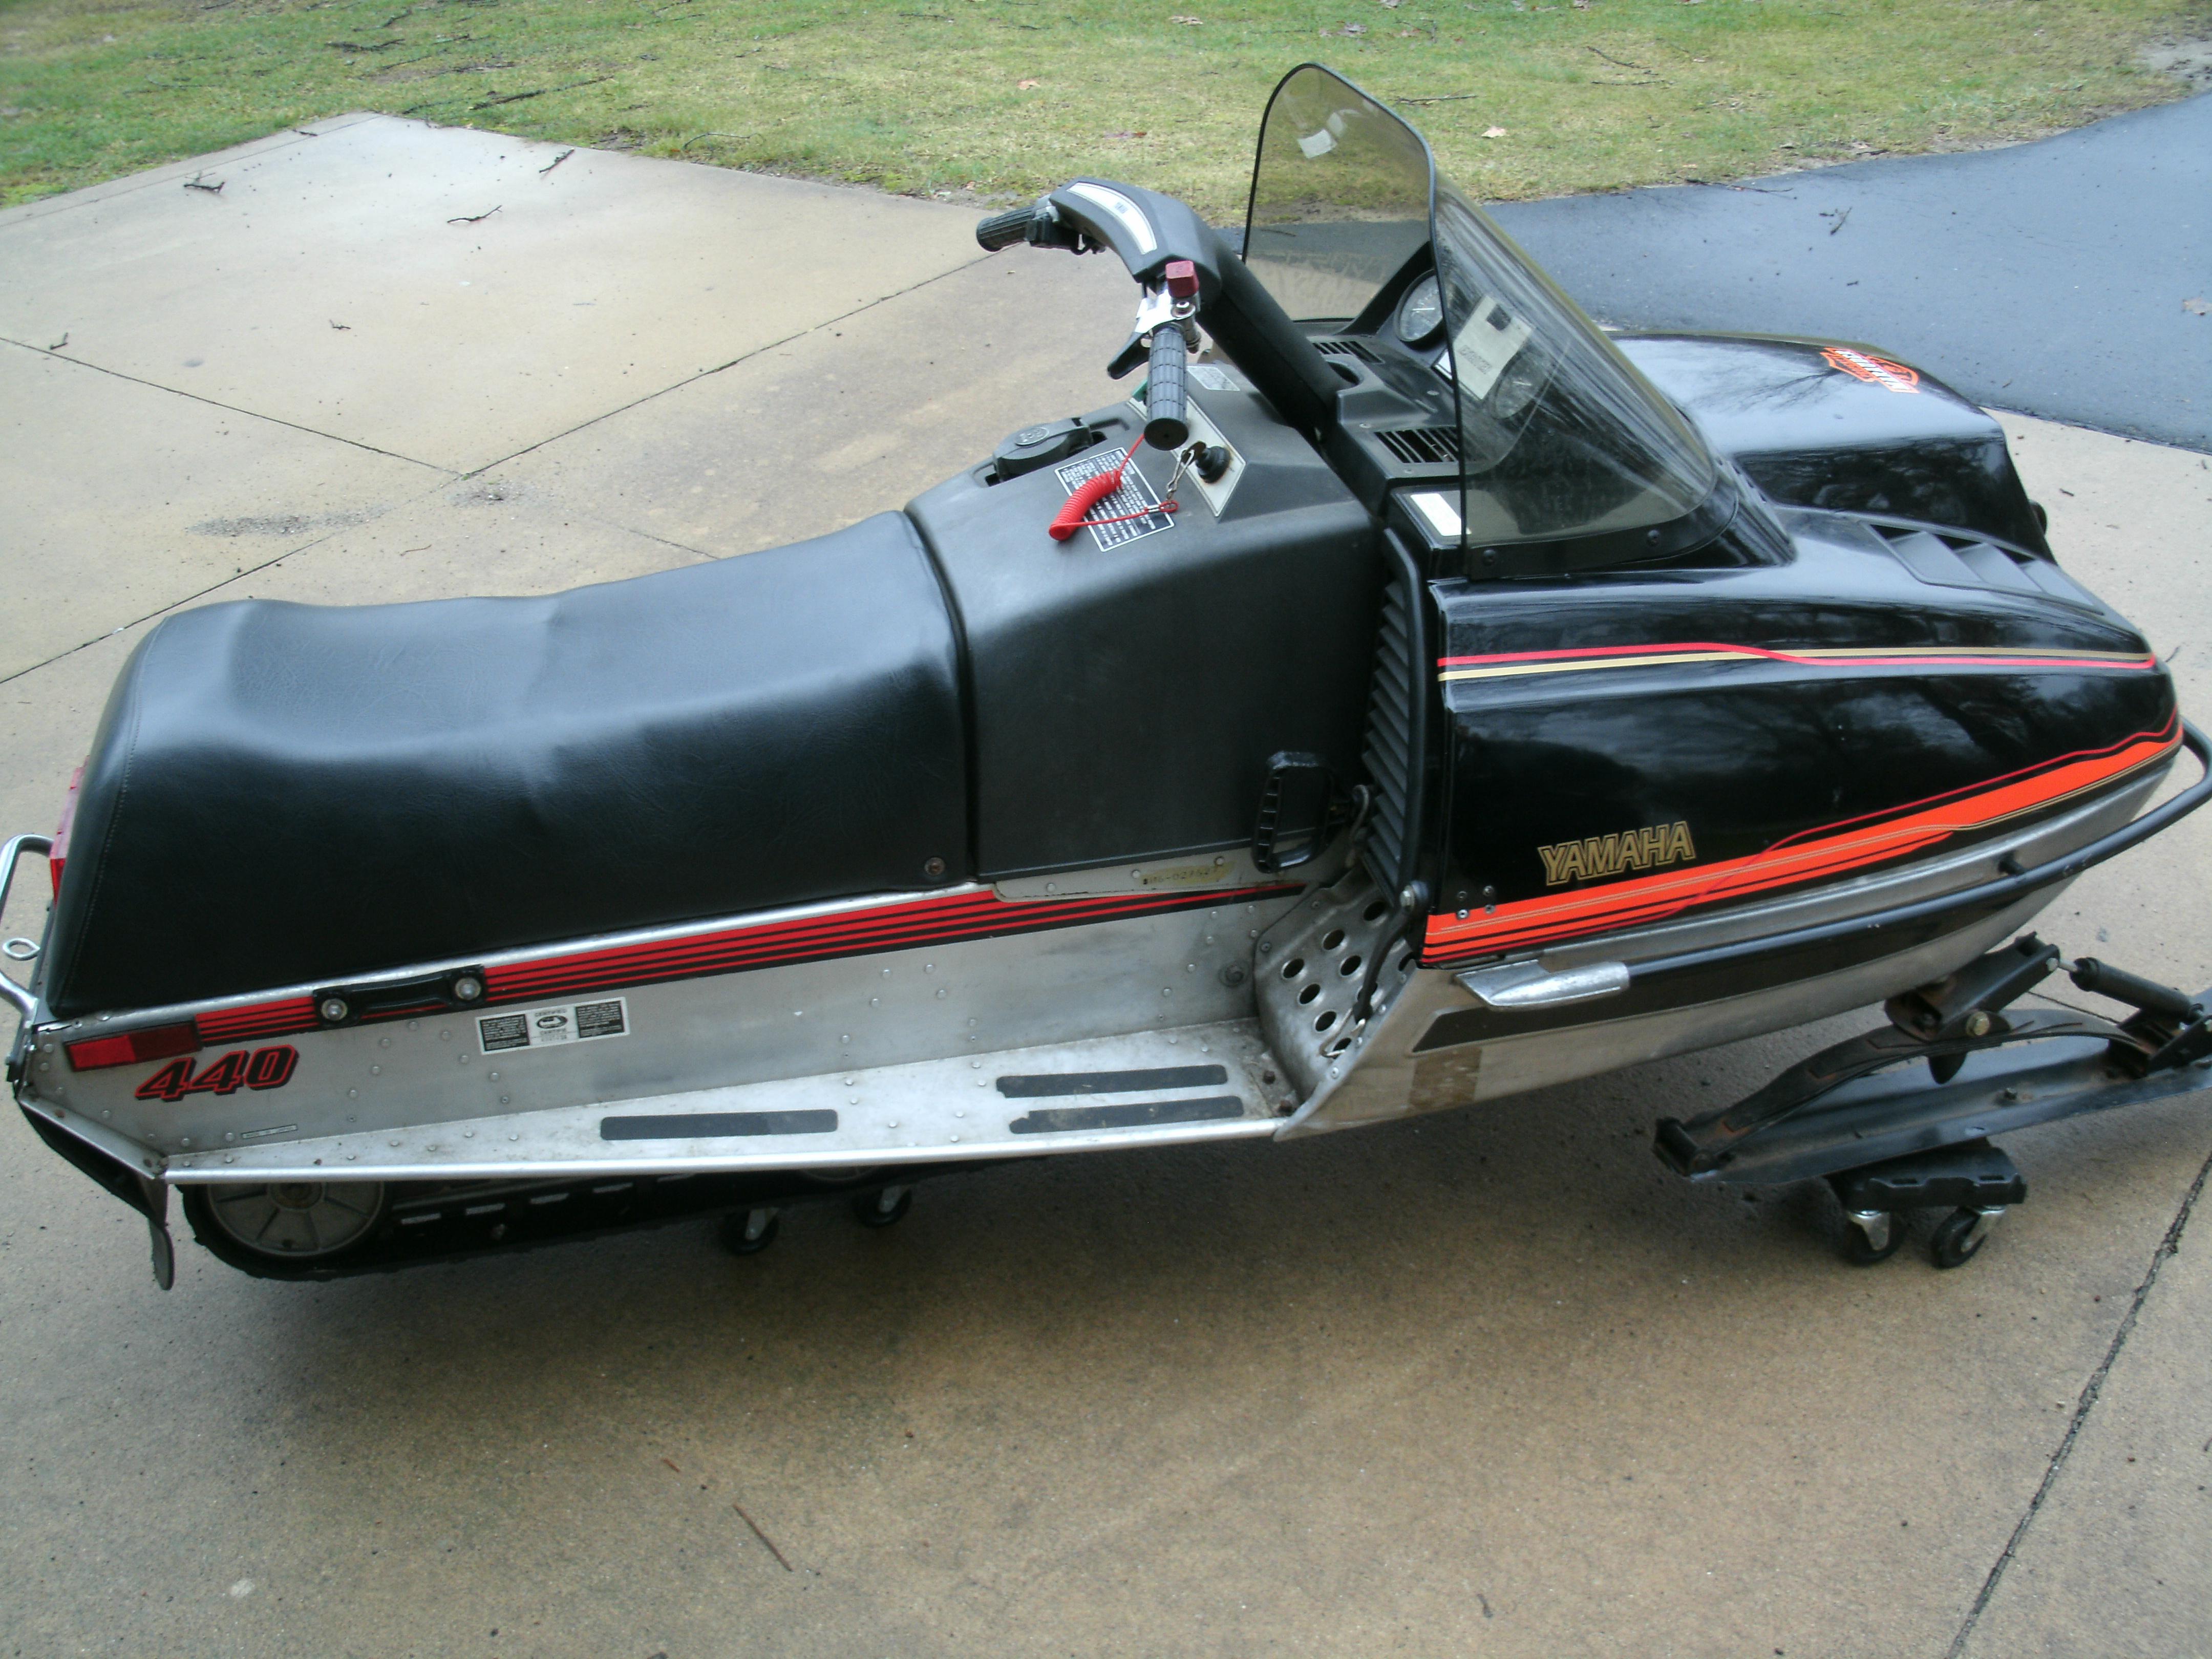 Yamaha 440 for sale